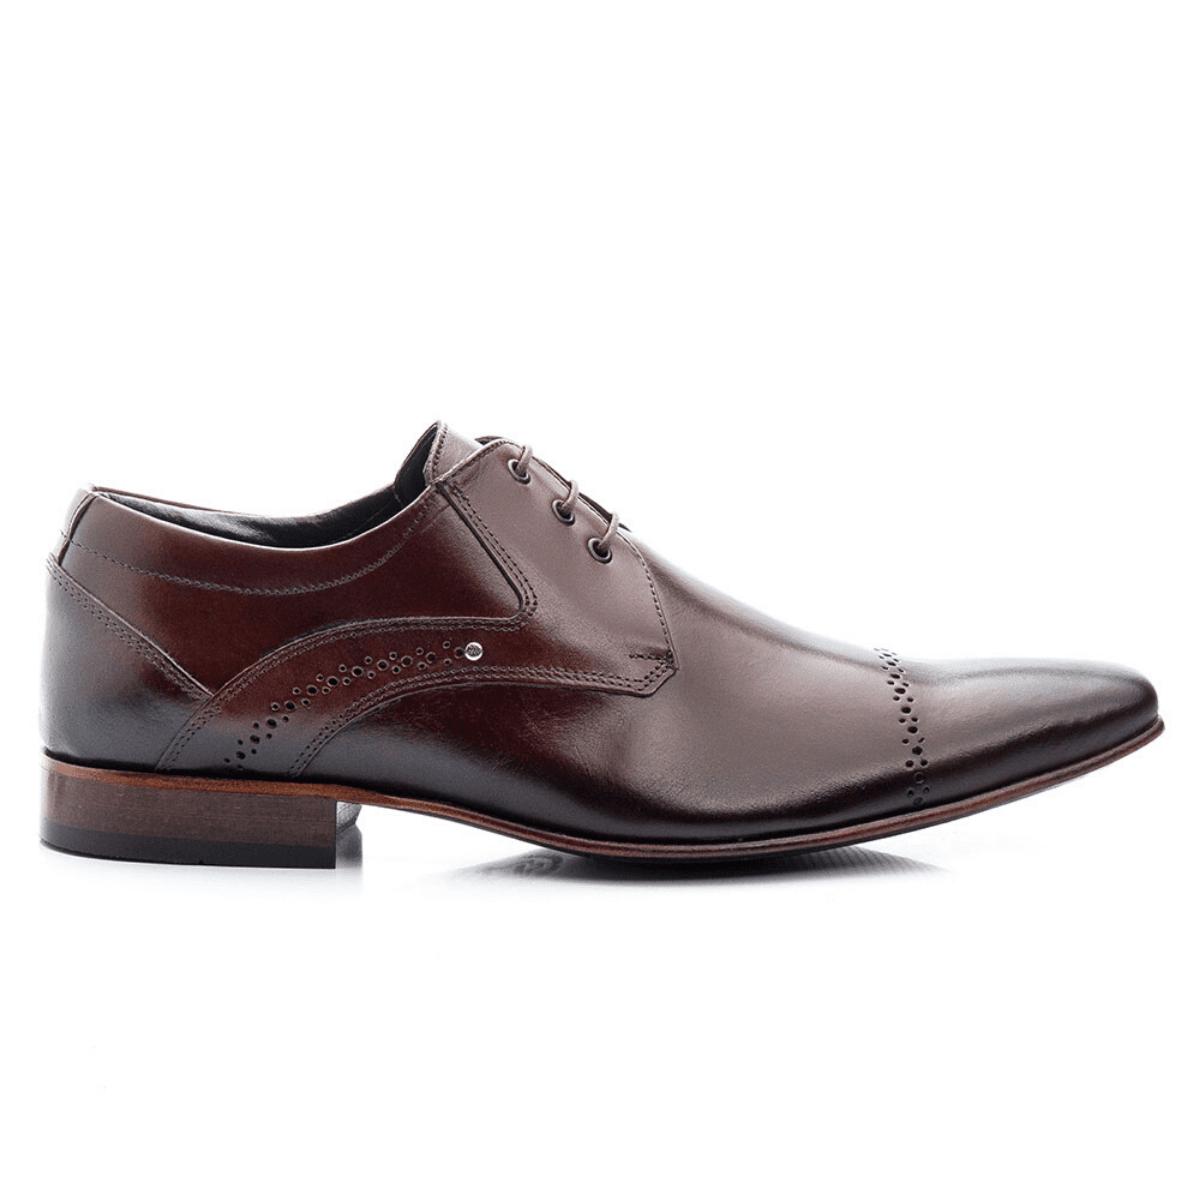 Sapato Masculino Clássico de Amarrar Couro Mouro